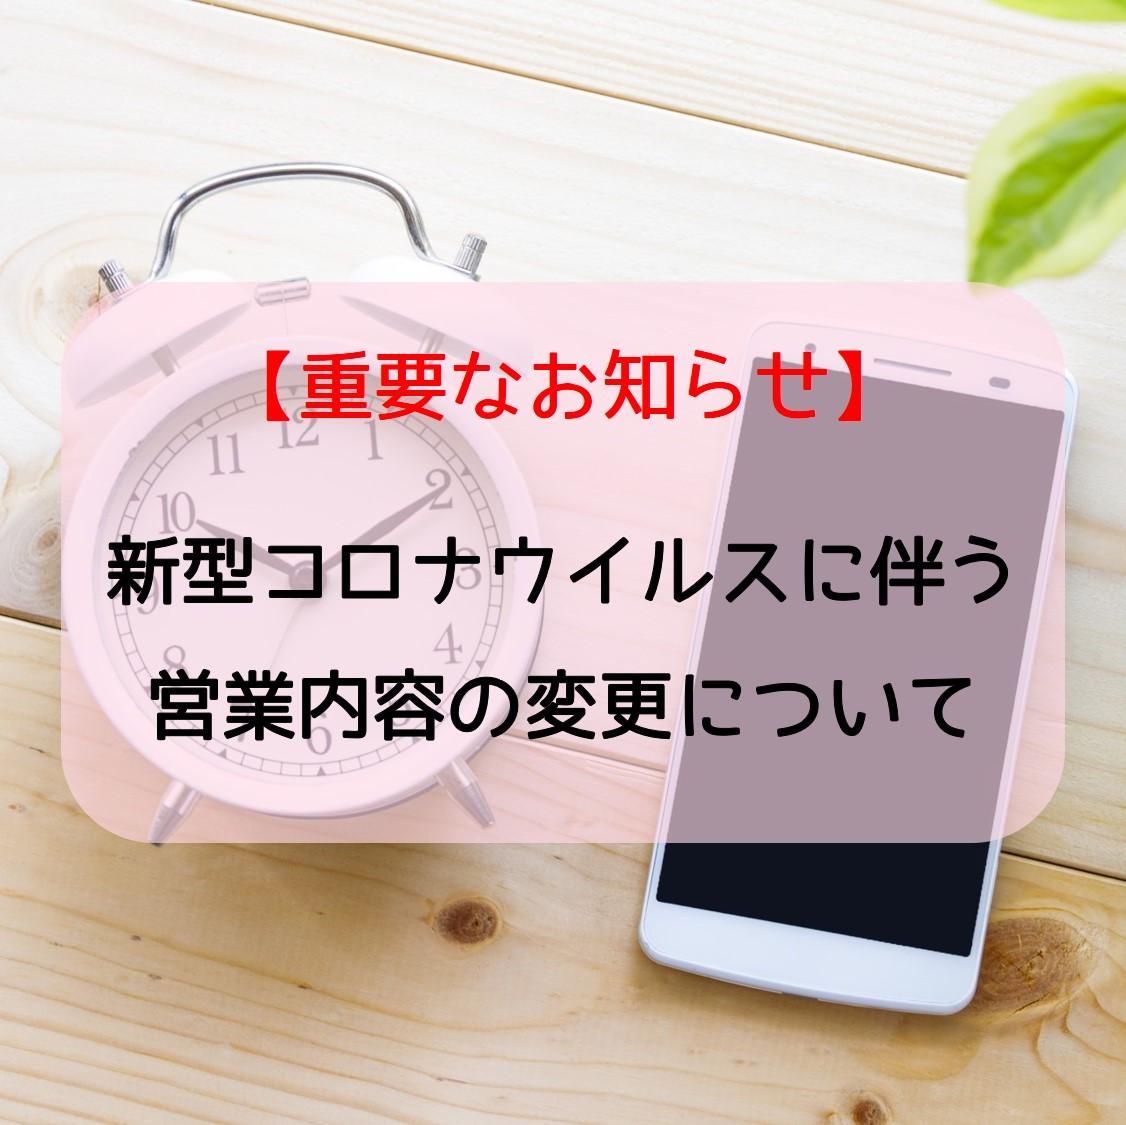 Cenbless 成増フェイシャル&ネイルサロン 【重要なお知らせ】新型コロナウイルスに伴う営業内容の変更について